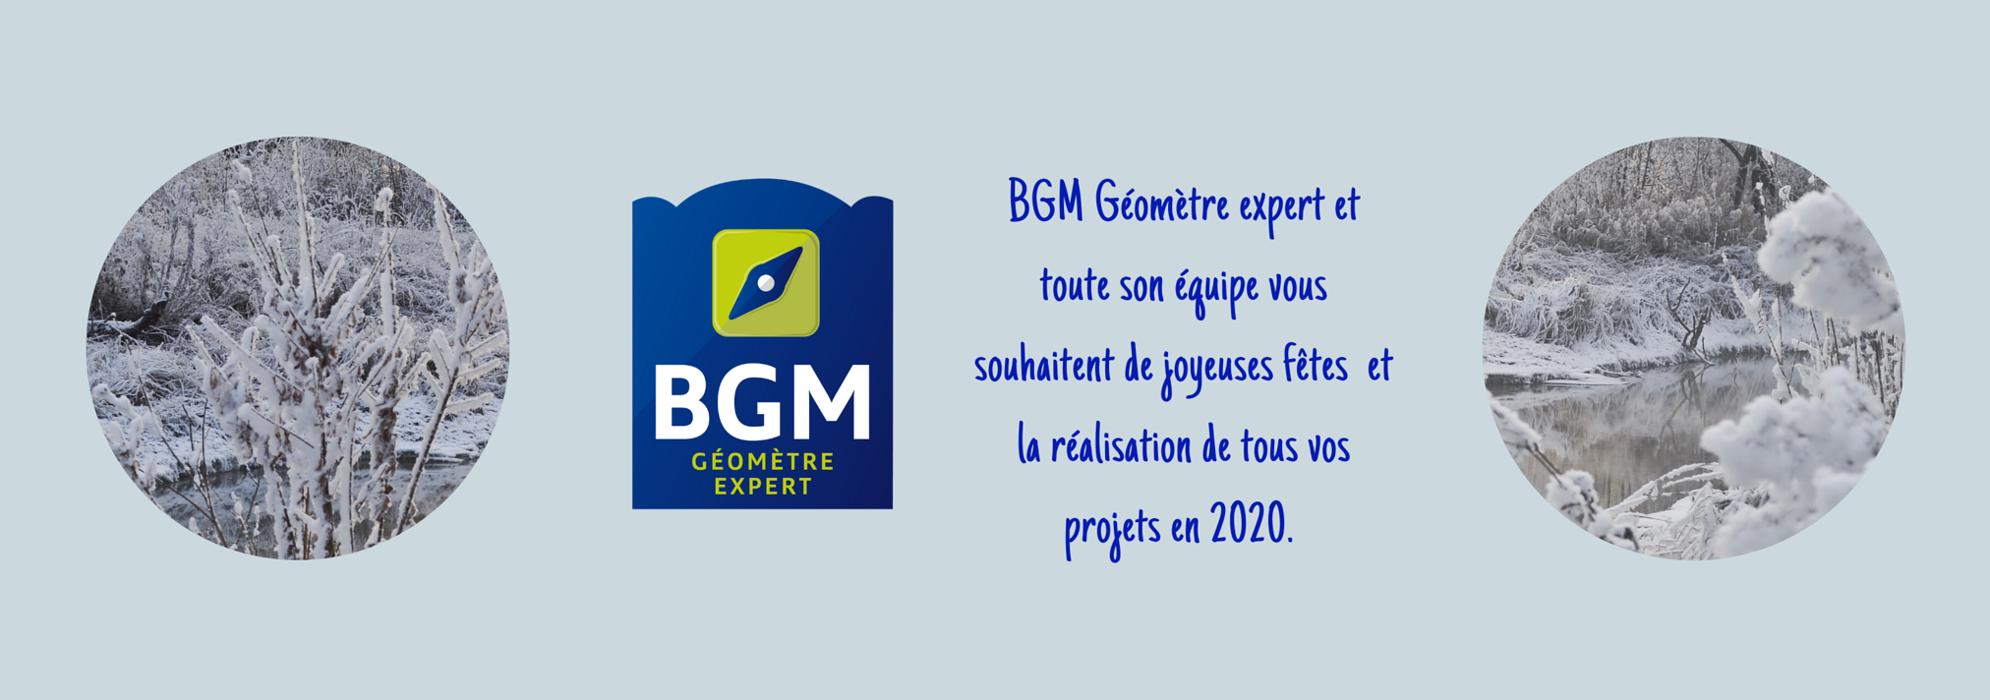 BGM Géomètre-Expert et toute son équipe vous souhaites de joyeuses fêtes et la réalisation de tous vos projets en 2020 0